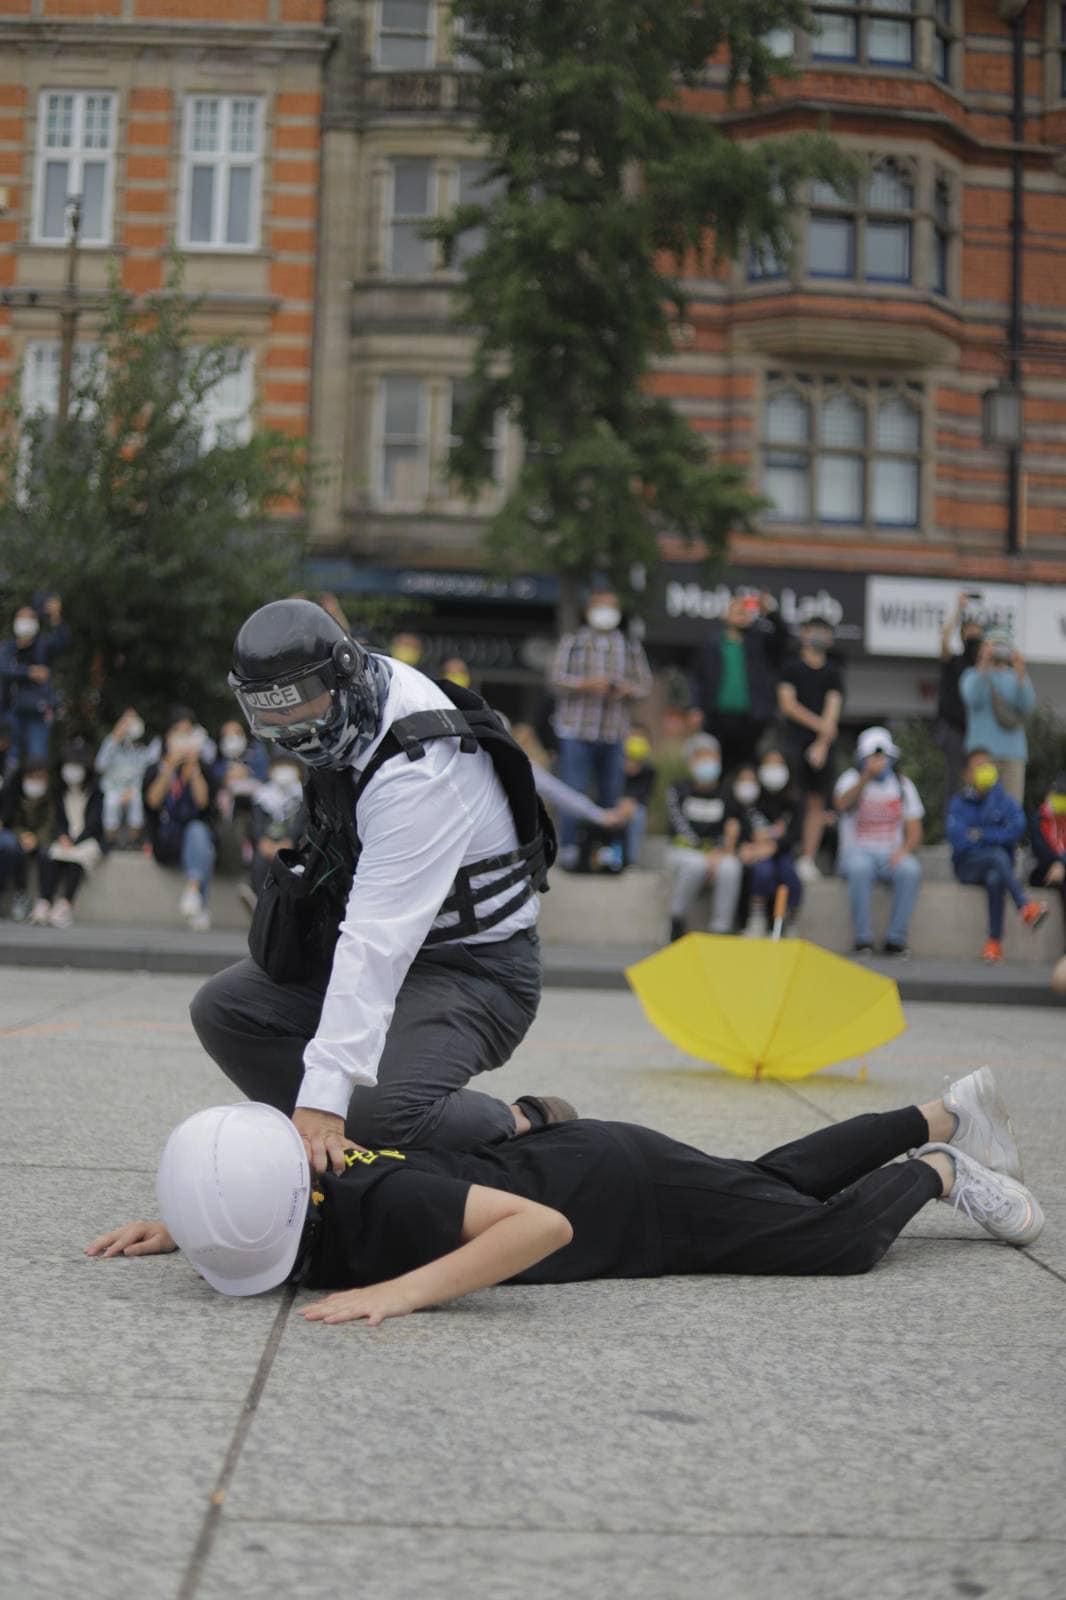 8.31事件兩周年,英國城市諾定咸(Nottingham)有大型抗爭默劇,讓世人記住歷史。(「Nottingham 手足」臉書圖片)